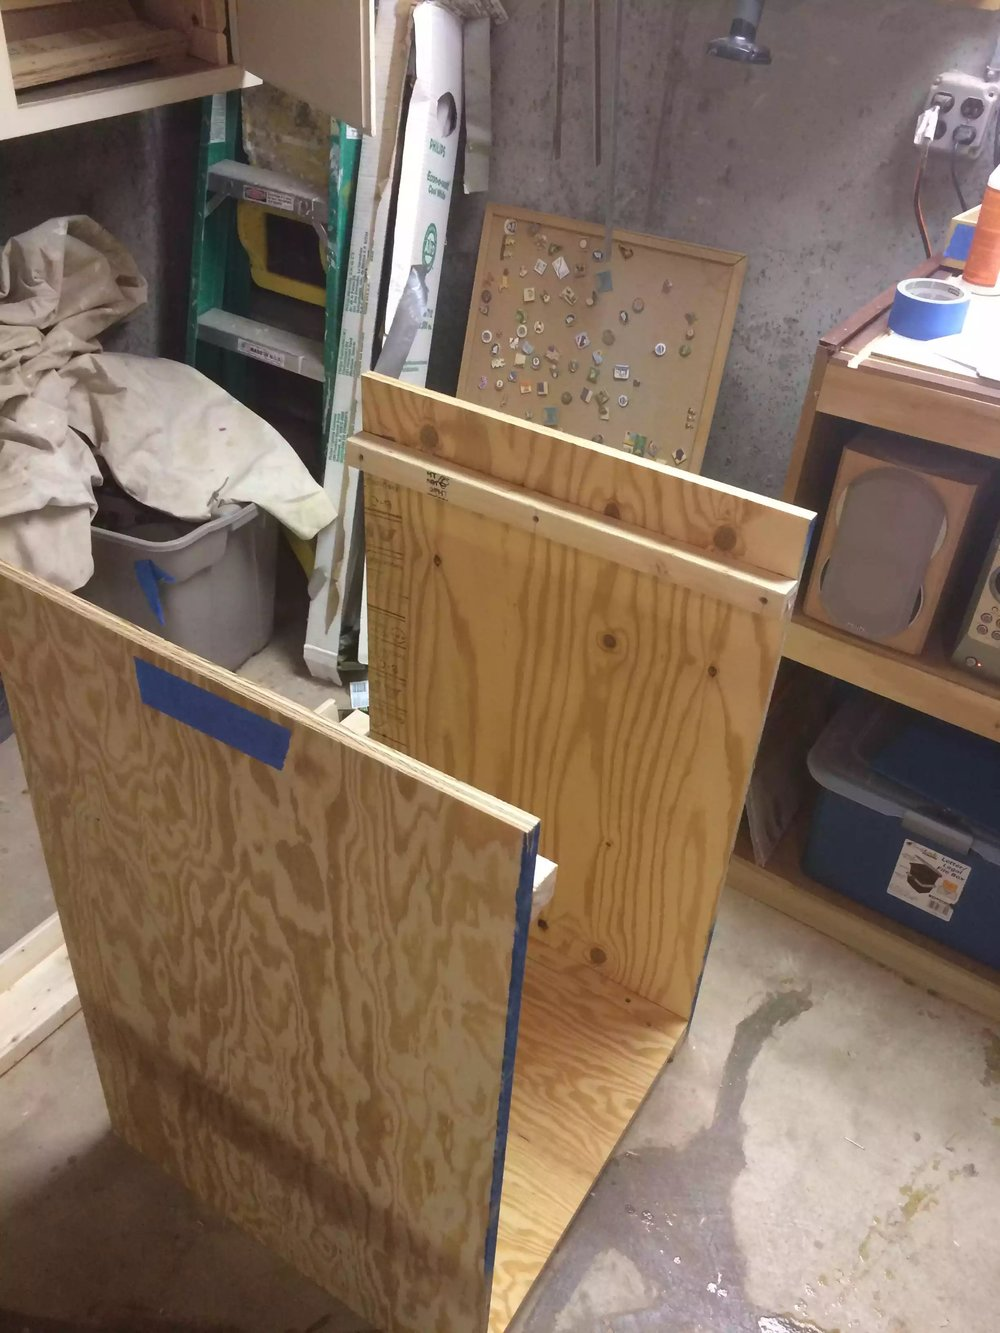 Shelf Support battons